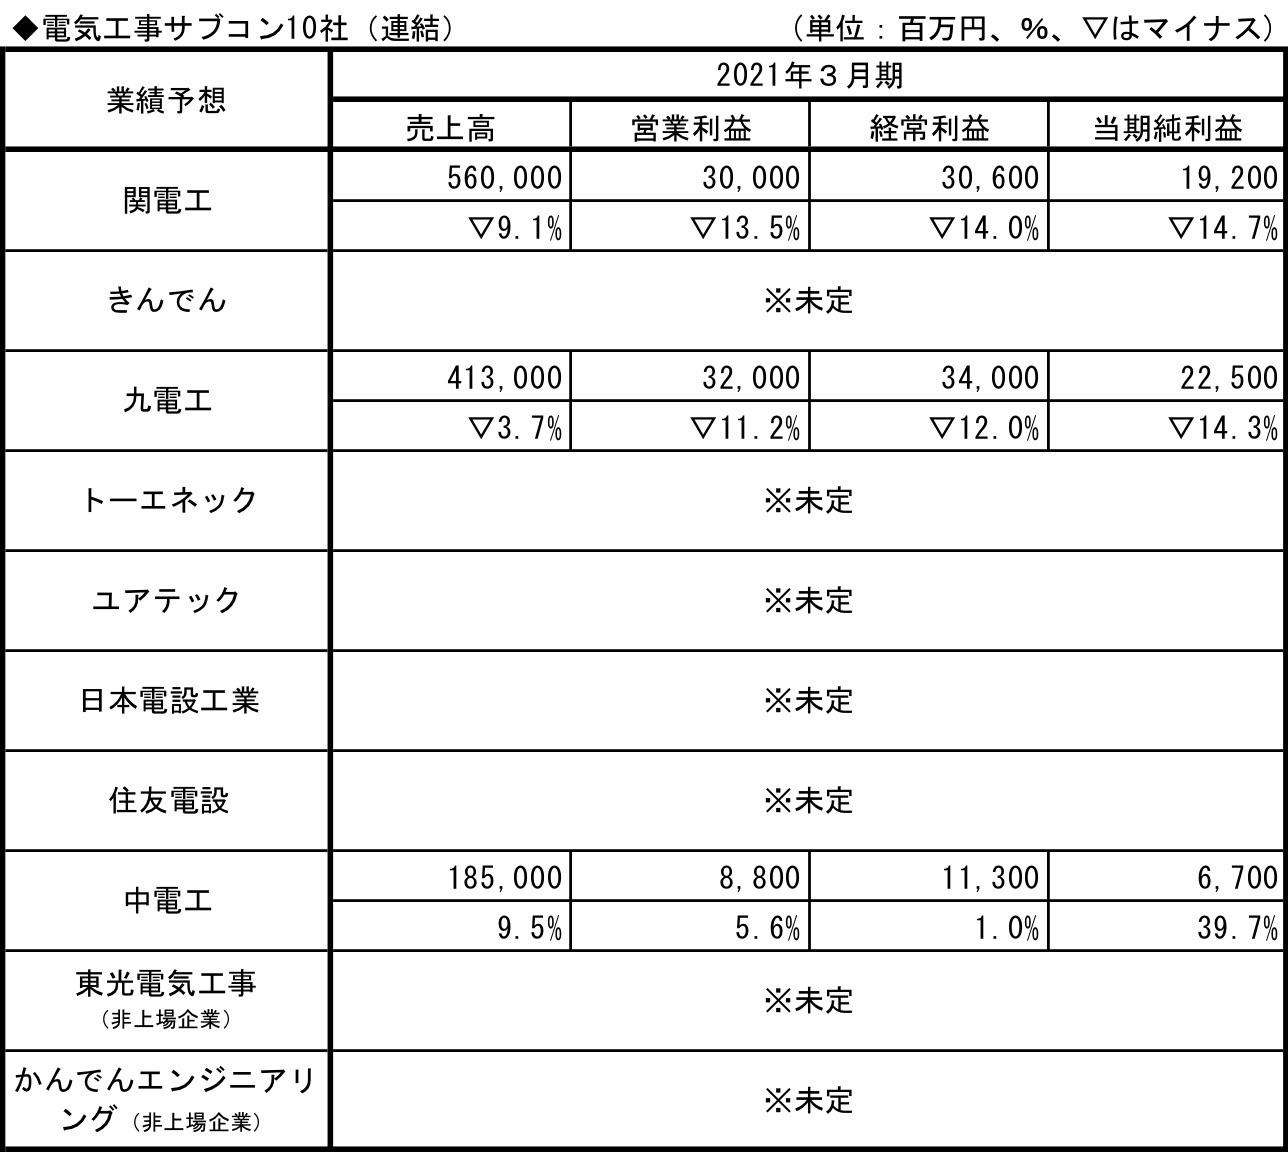 電気工事サブコン10社_業績予想